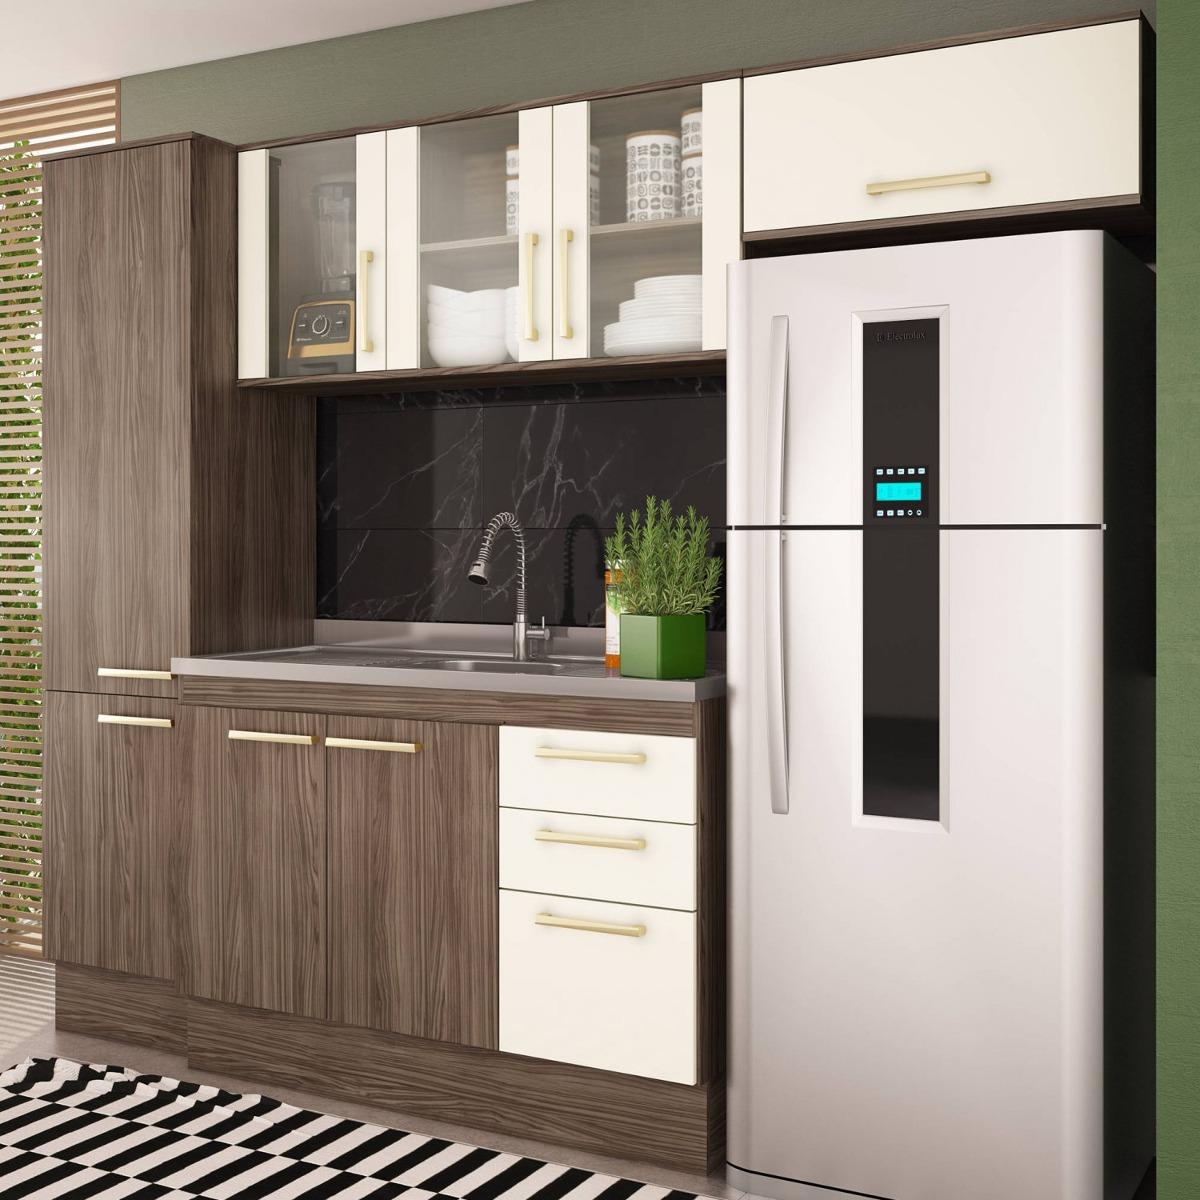 Cozinha Compacta 4 Pe As Zafira A1895 Casamia N O Cc R 909 90 Em